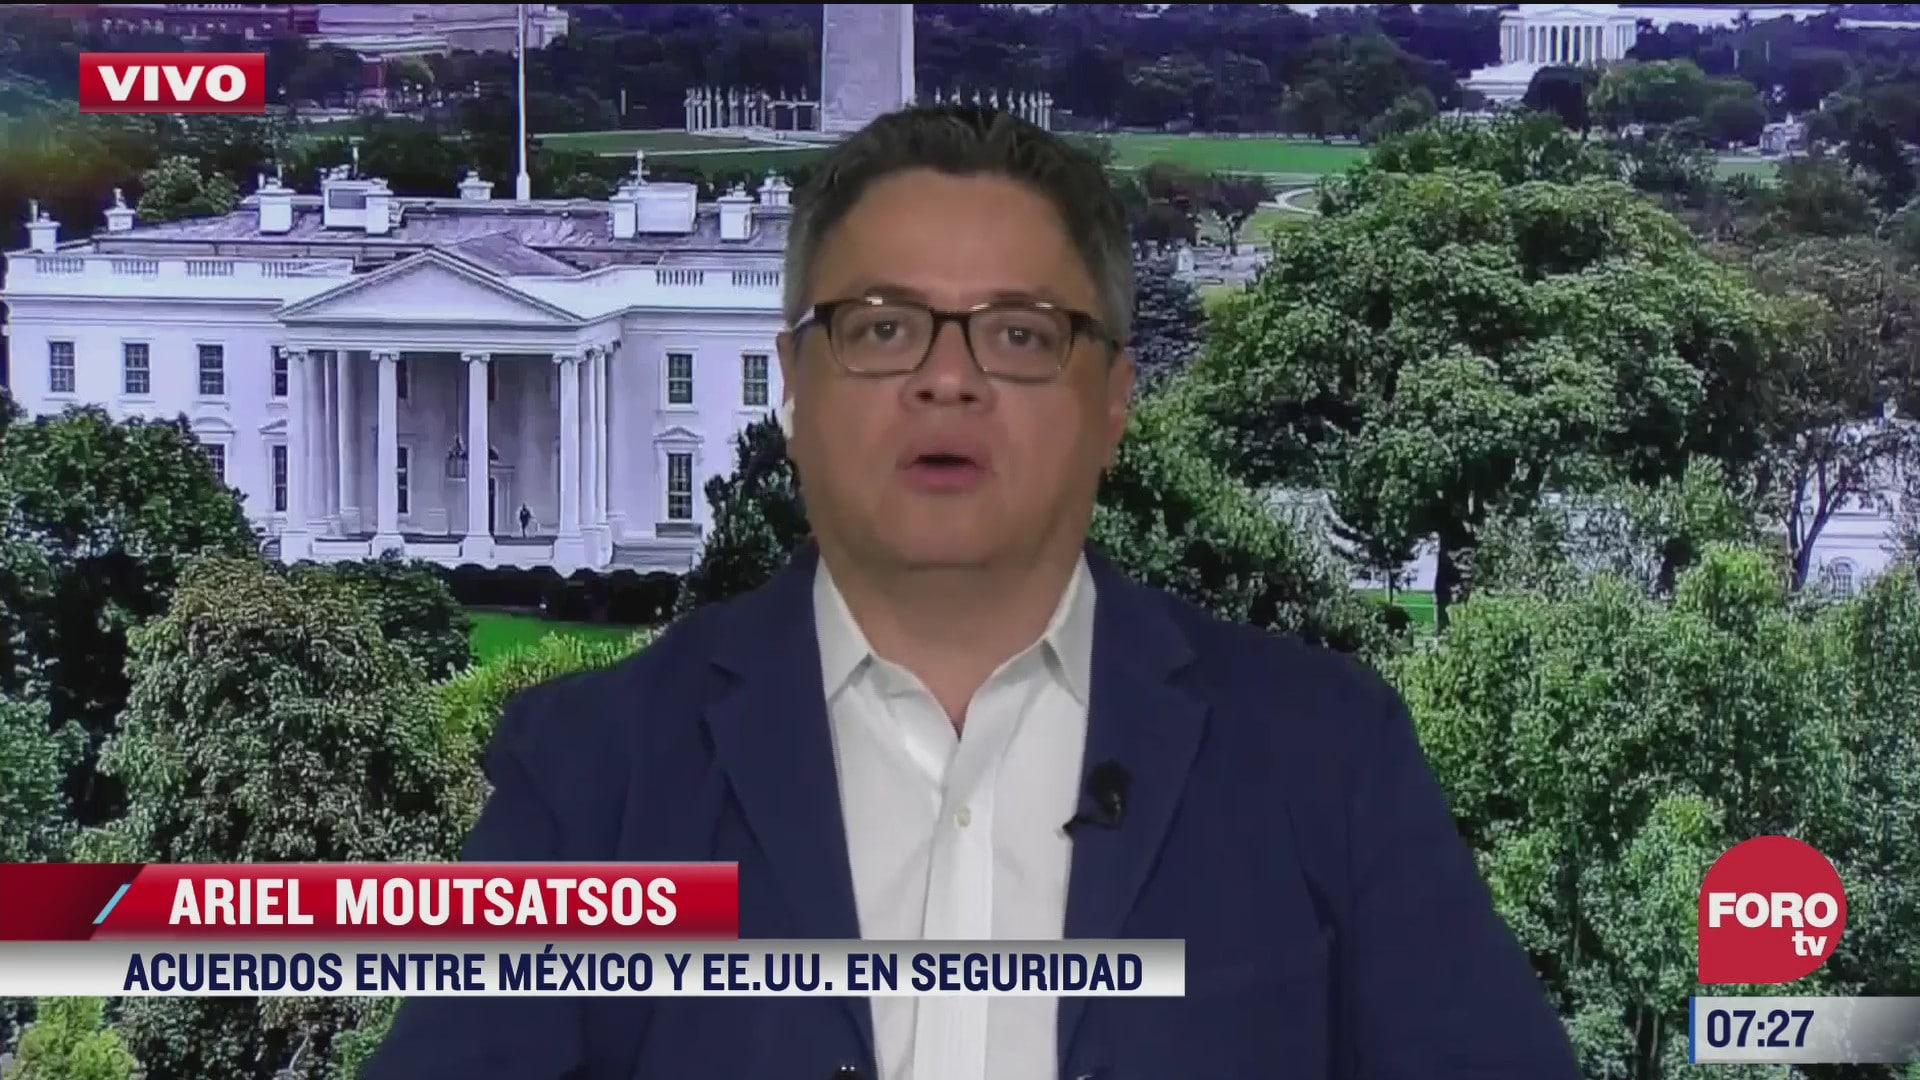 acuerdos entre mexico y eeuu en seguridad